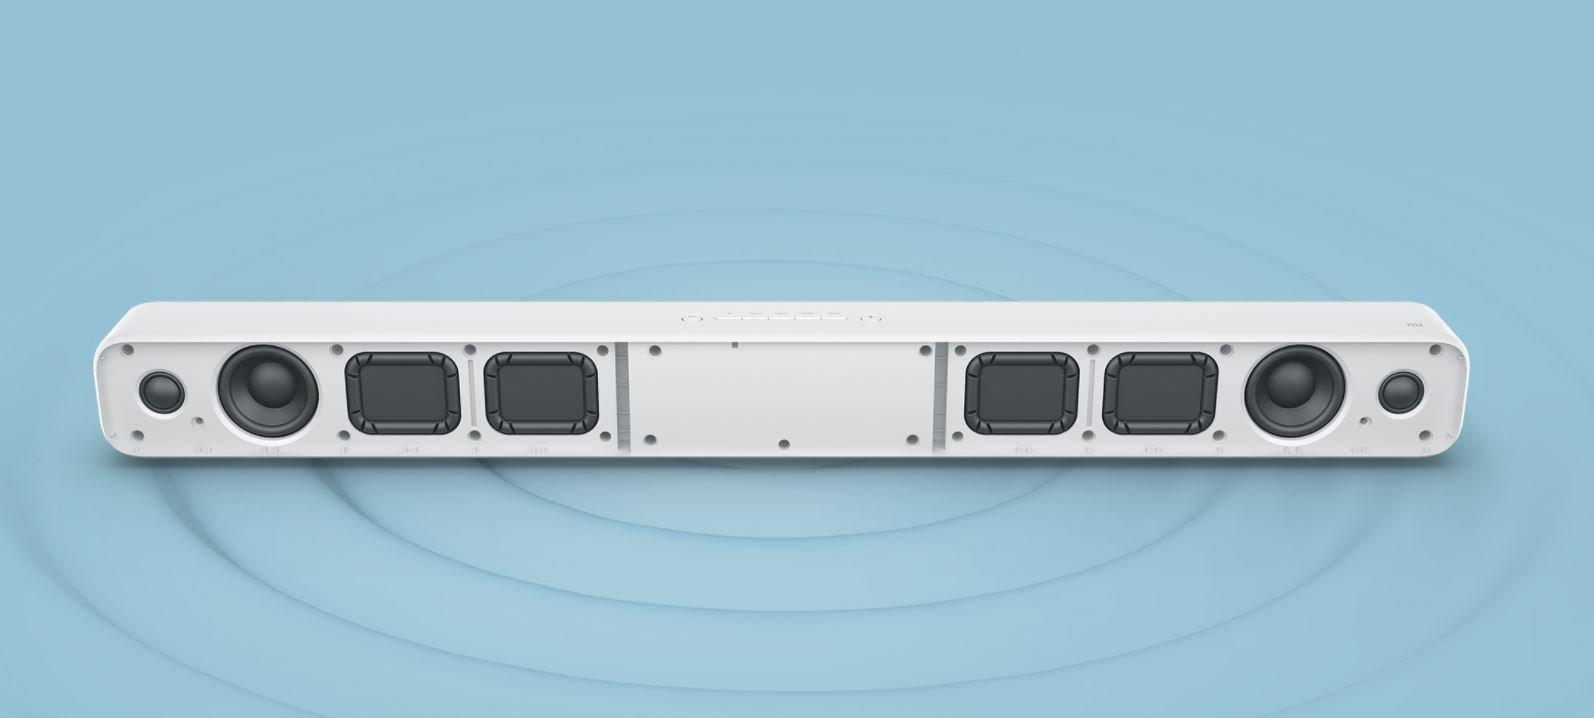 Buena, bonita y barata: así es esta barra de sonido de Xiaomi. Noticias Xiaomi Adictos